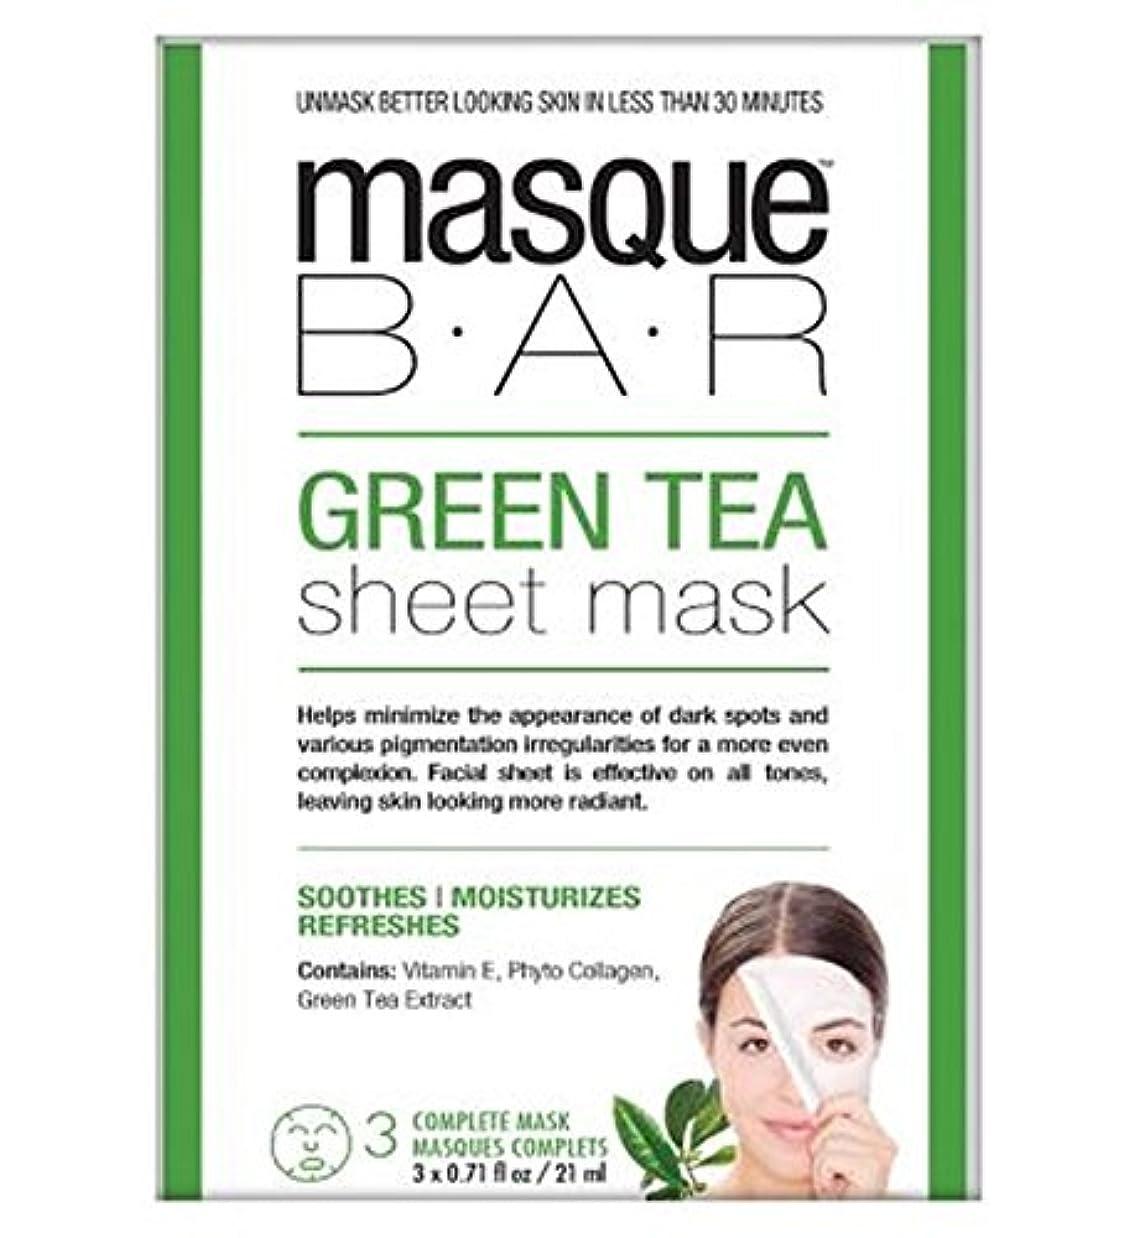 怒っている海上汚物仮面劇バー緑茶シートマスク - 3完全なマスク (P6B Masque Bar Bt) (x2) - Masque Bar Green Tea Sheet Mask - 3 complete masks (Pack of...